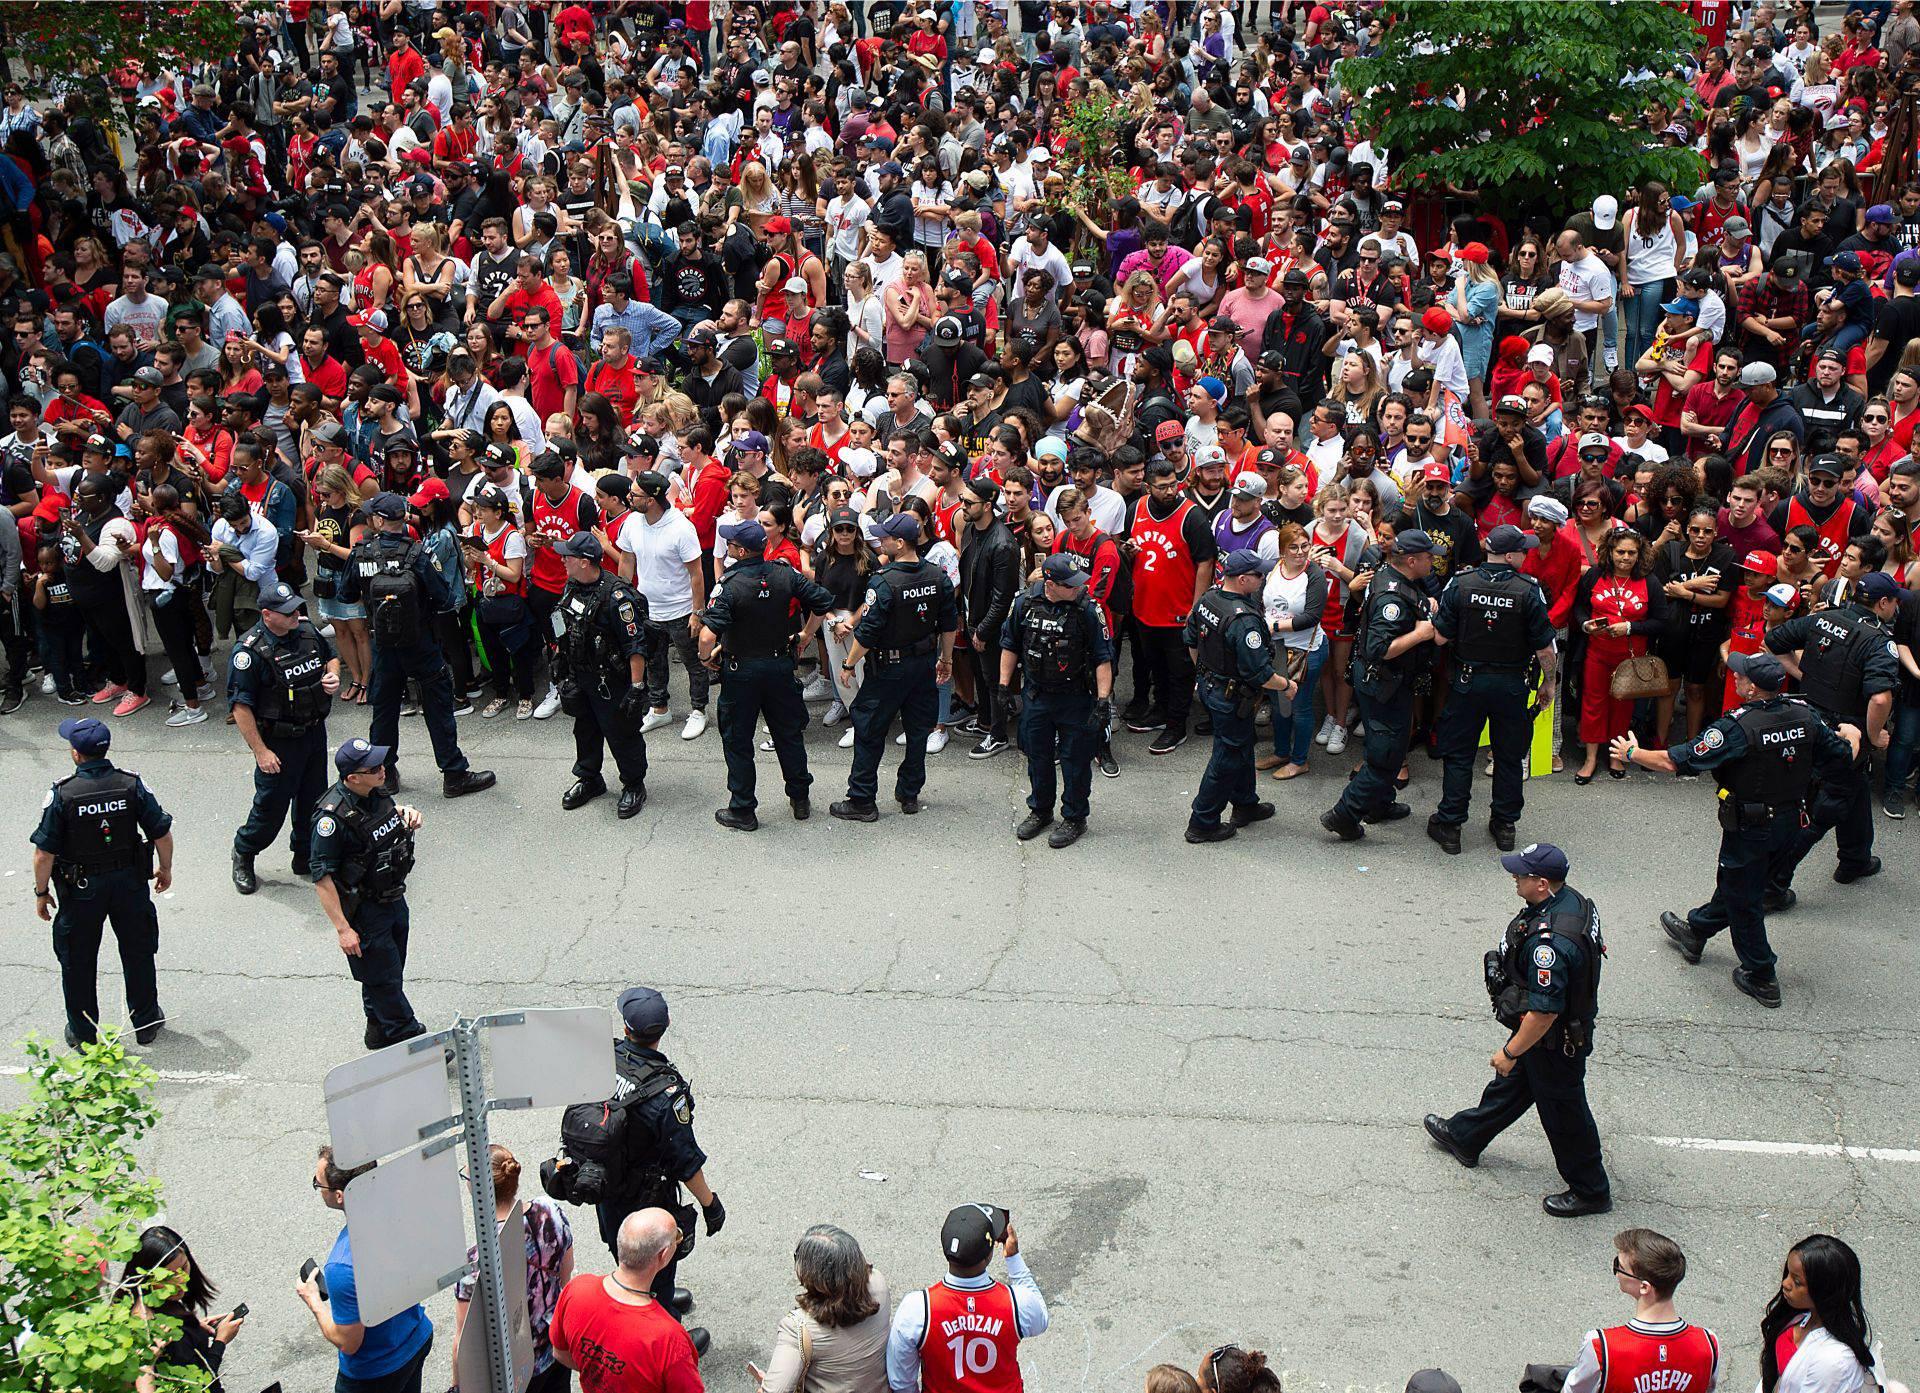 Na slavljeničkoj paradi Toronta propucali su i izboli dvoje ljudi